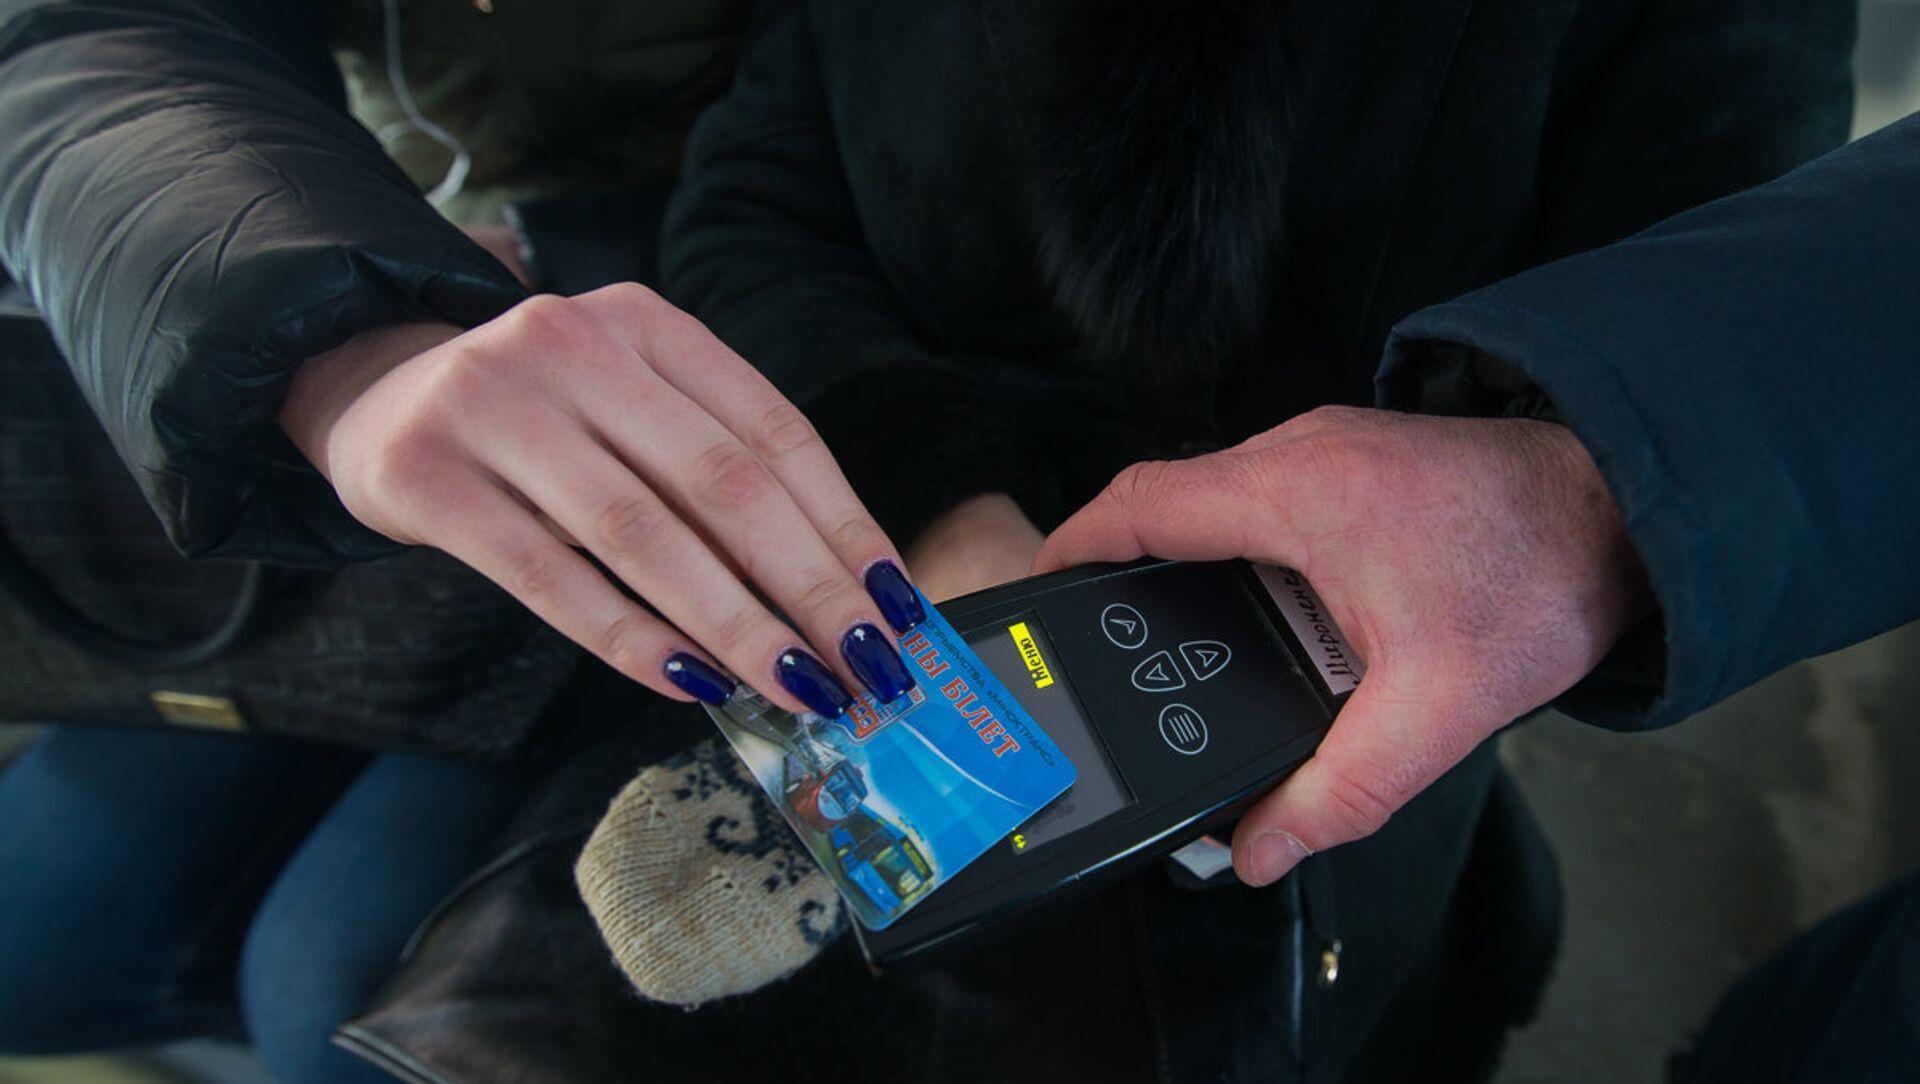 Многие минчане признаются, что платят за проезд всегда: ездить зайцем не позволяет совесть - Sputnik Беларусь, 1920, 07.04.2021